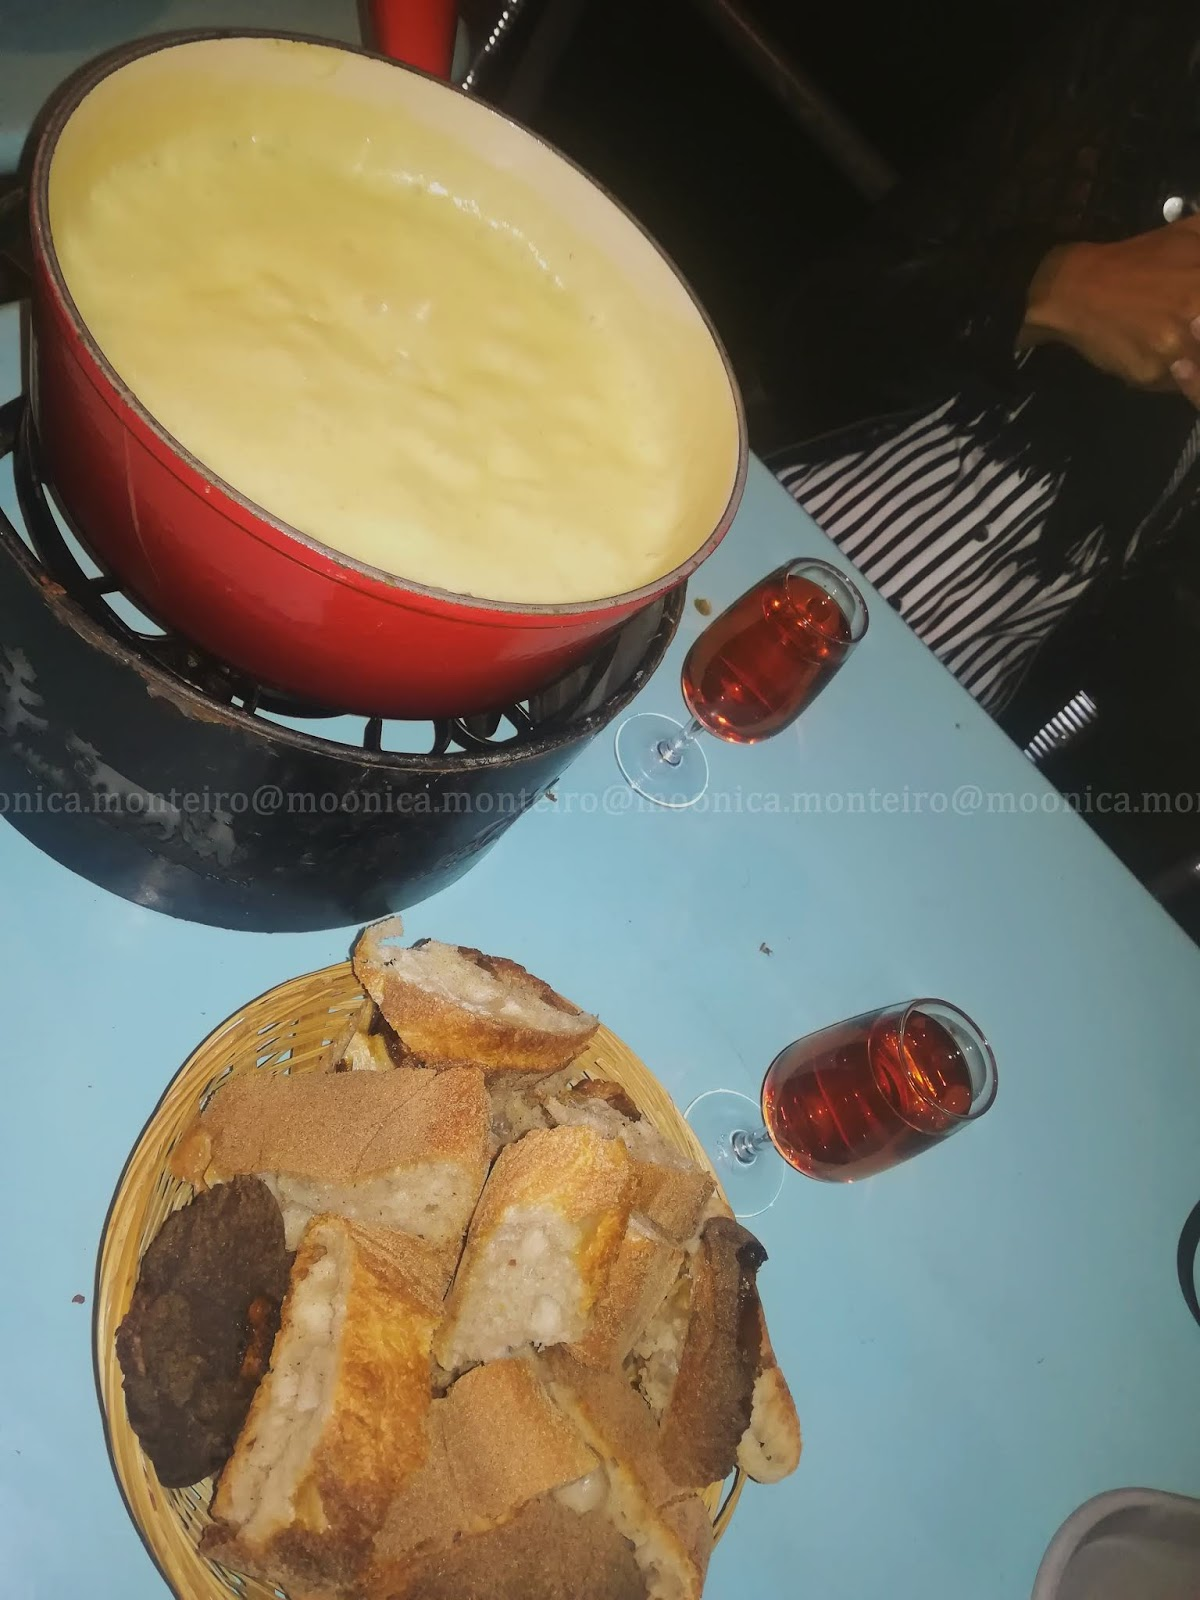 genebra food o blog da mo